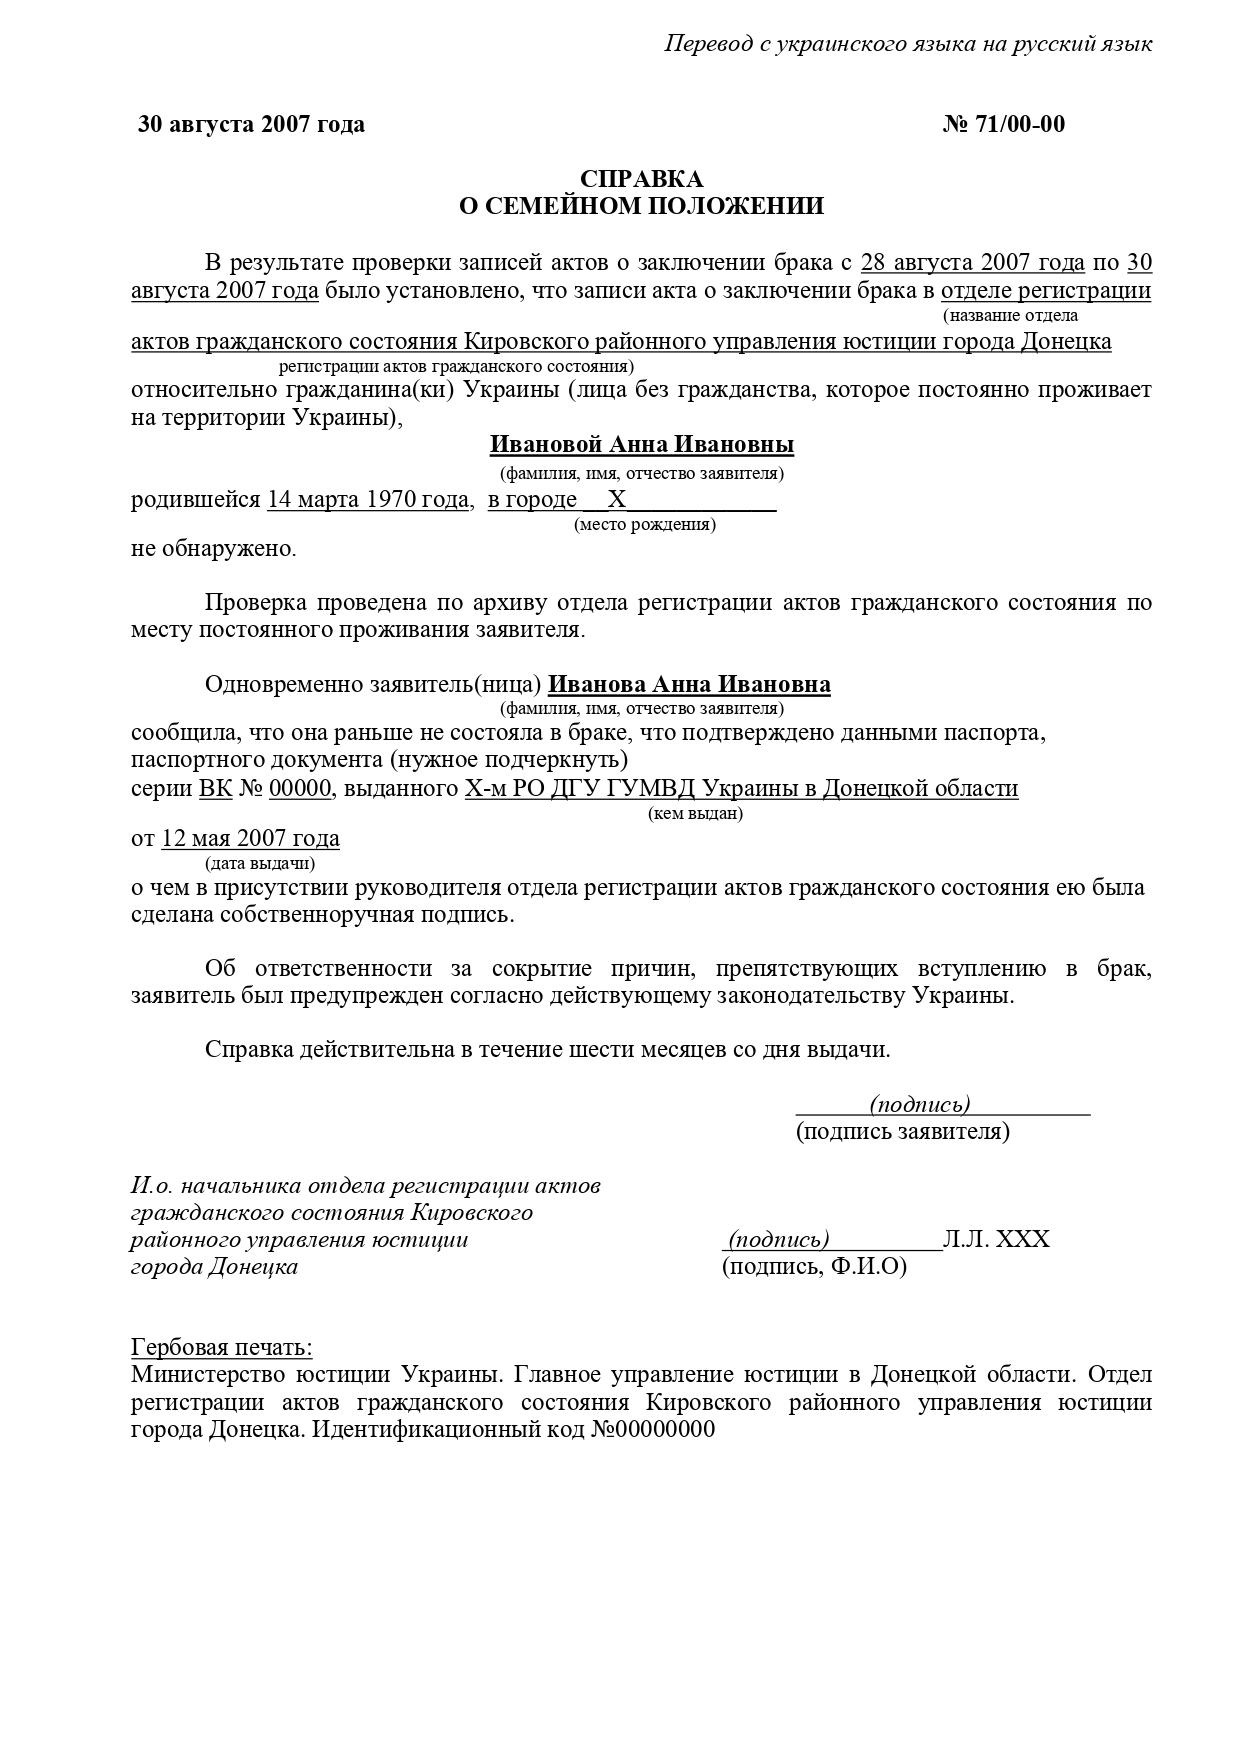 Пример перевода справки о семейном положении с украинского